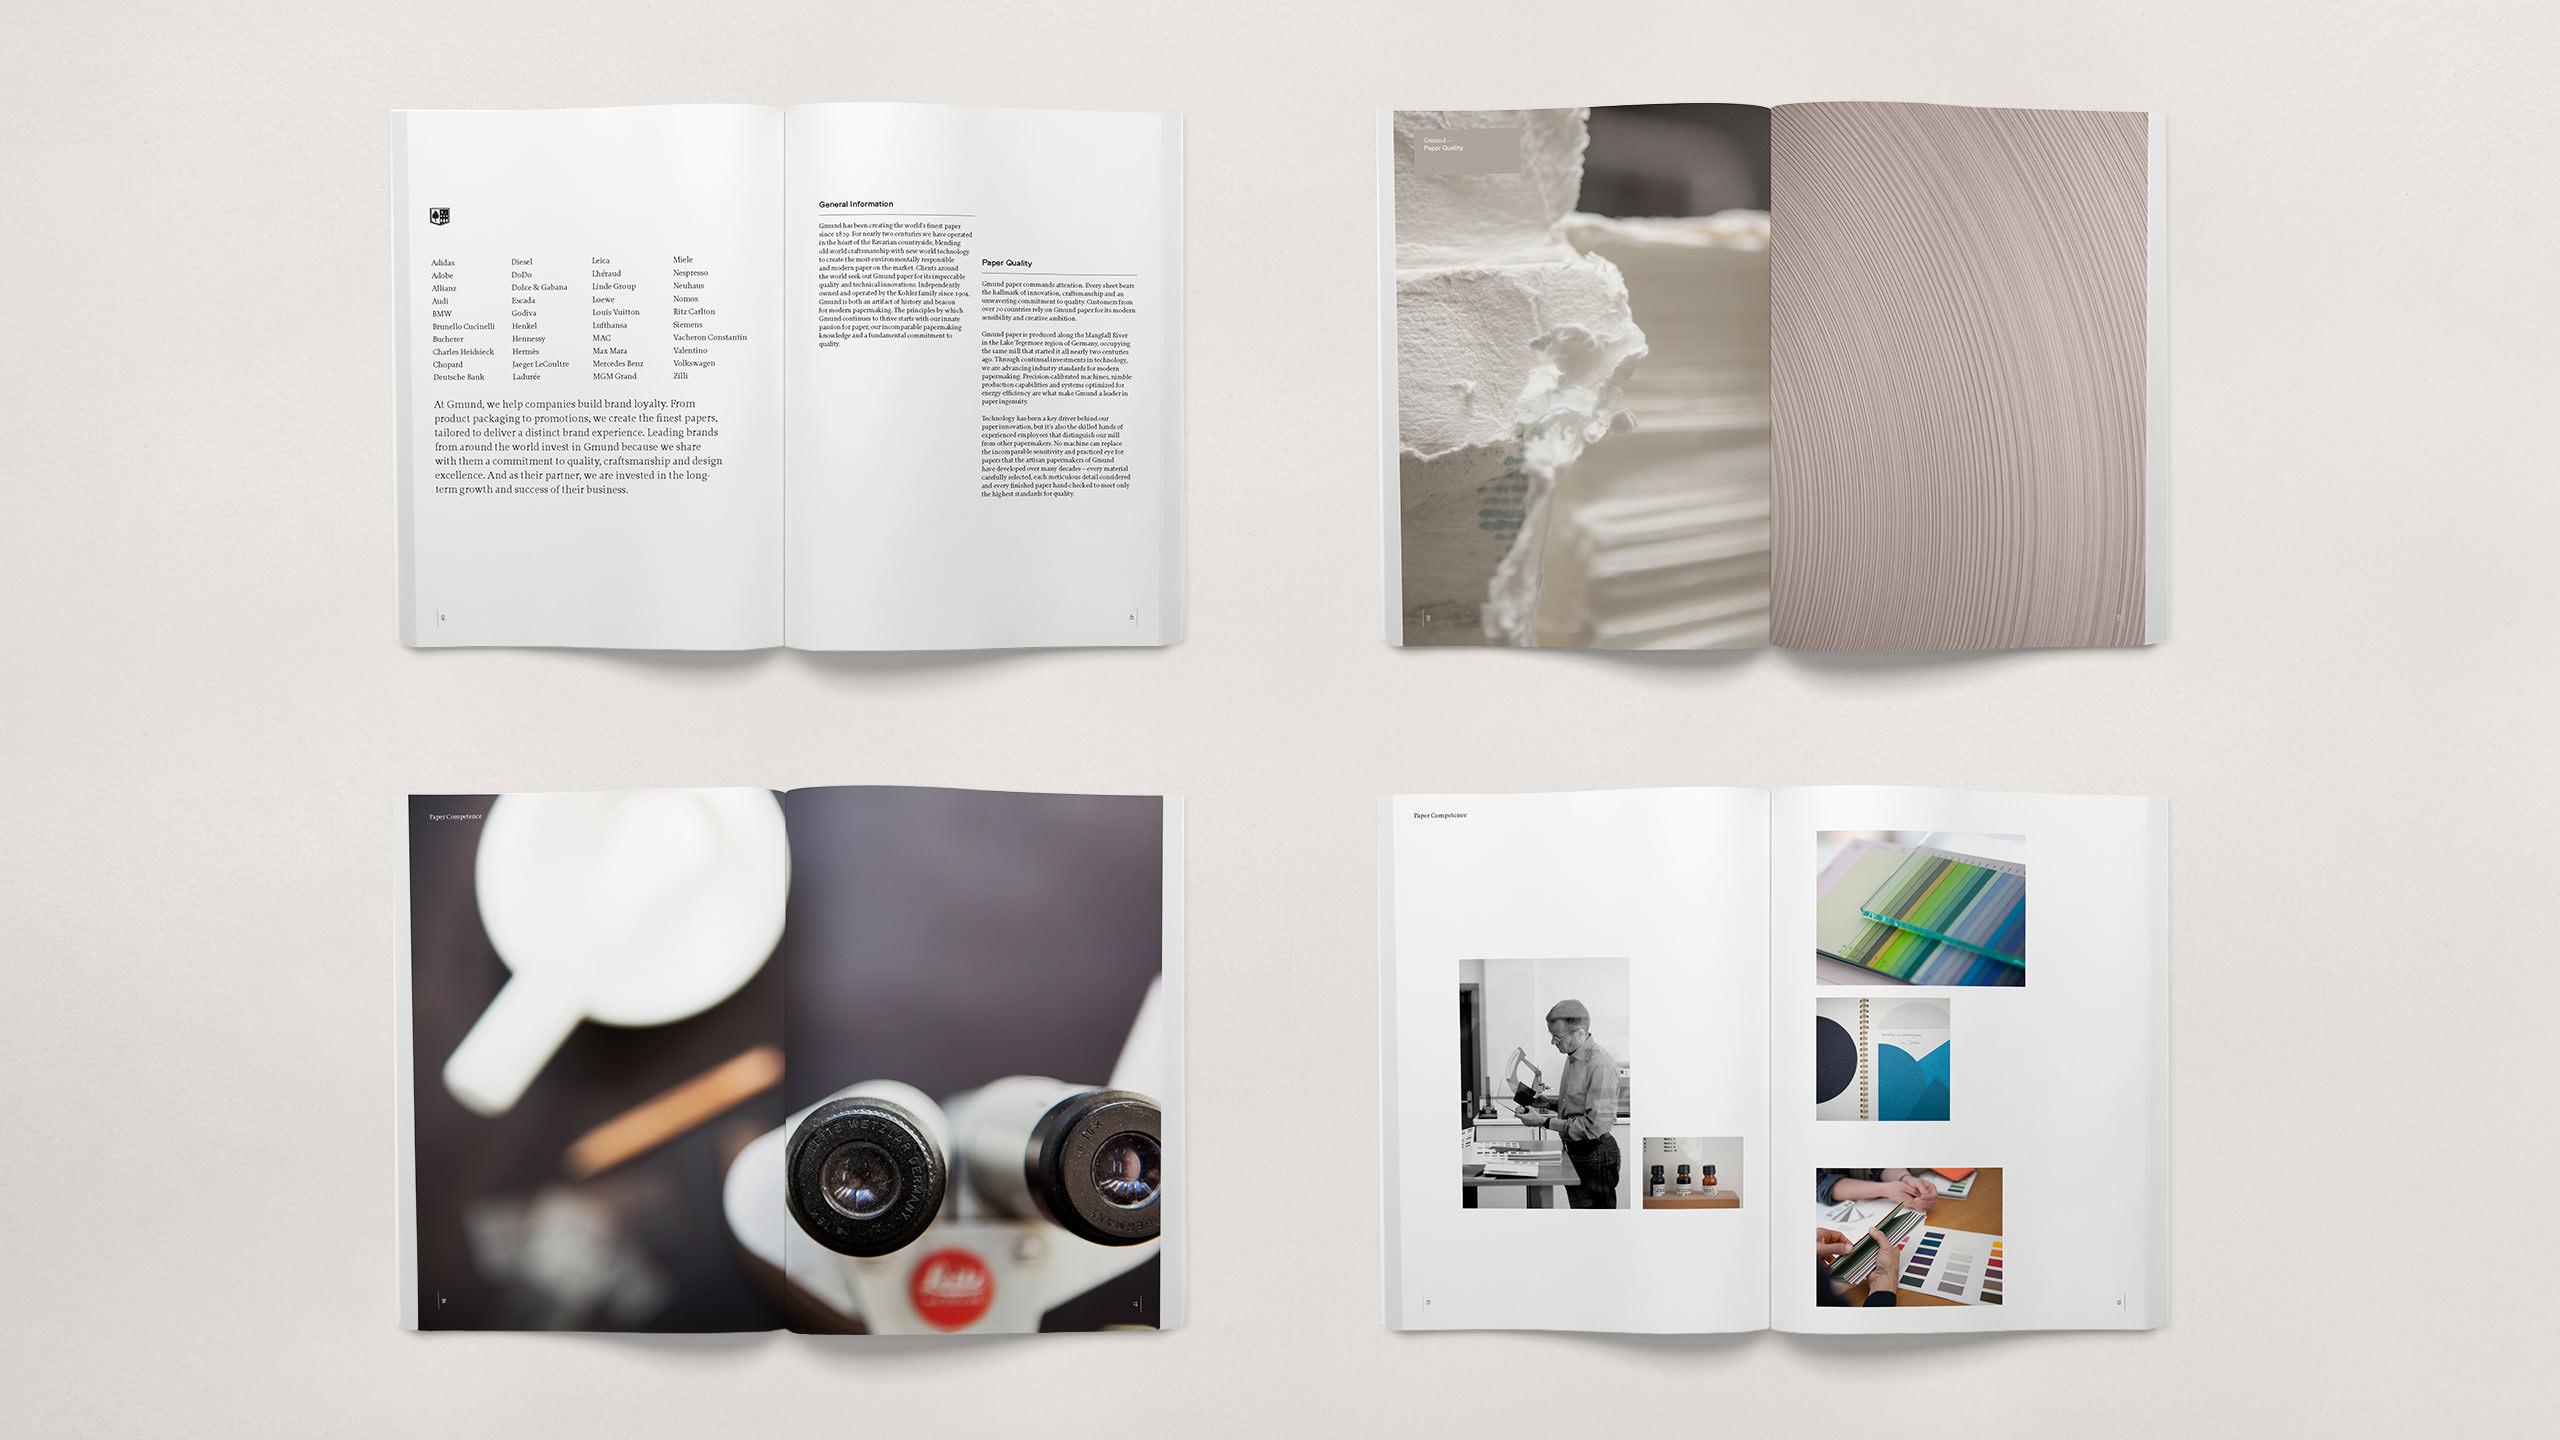 Gmund Brand Refresh - Catalog pages